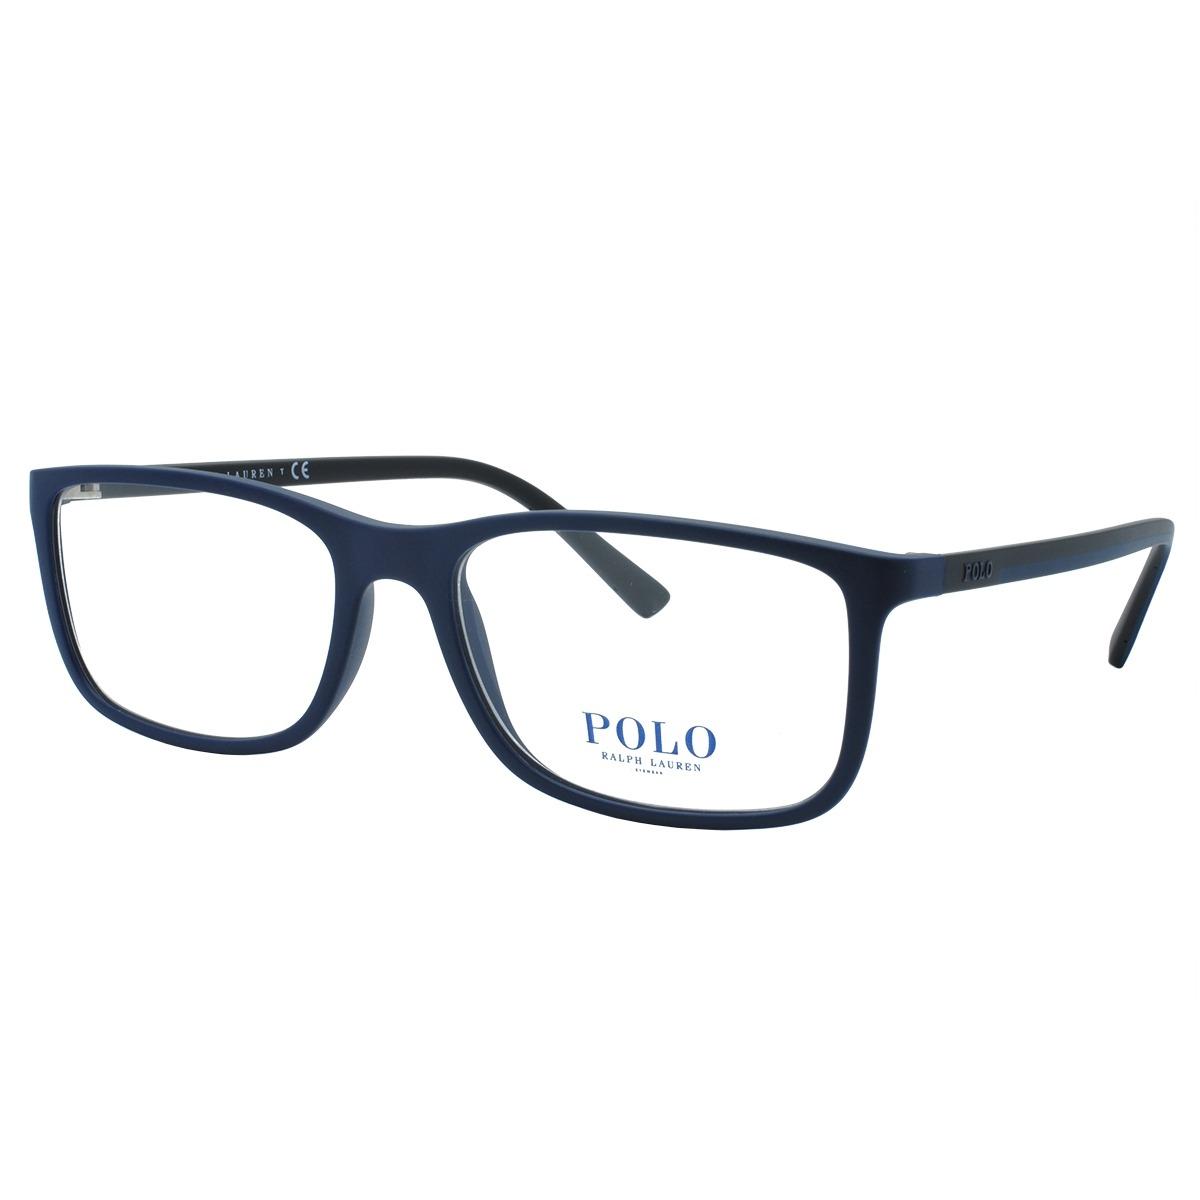 Óculos De Grau Polo Ralph Lauren Original Ph2162 5605 - R  517,00 em ... cb8e7a9f00